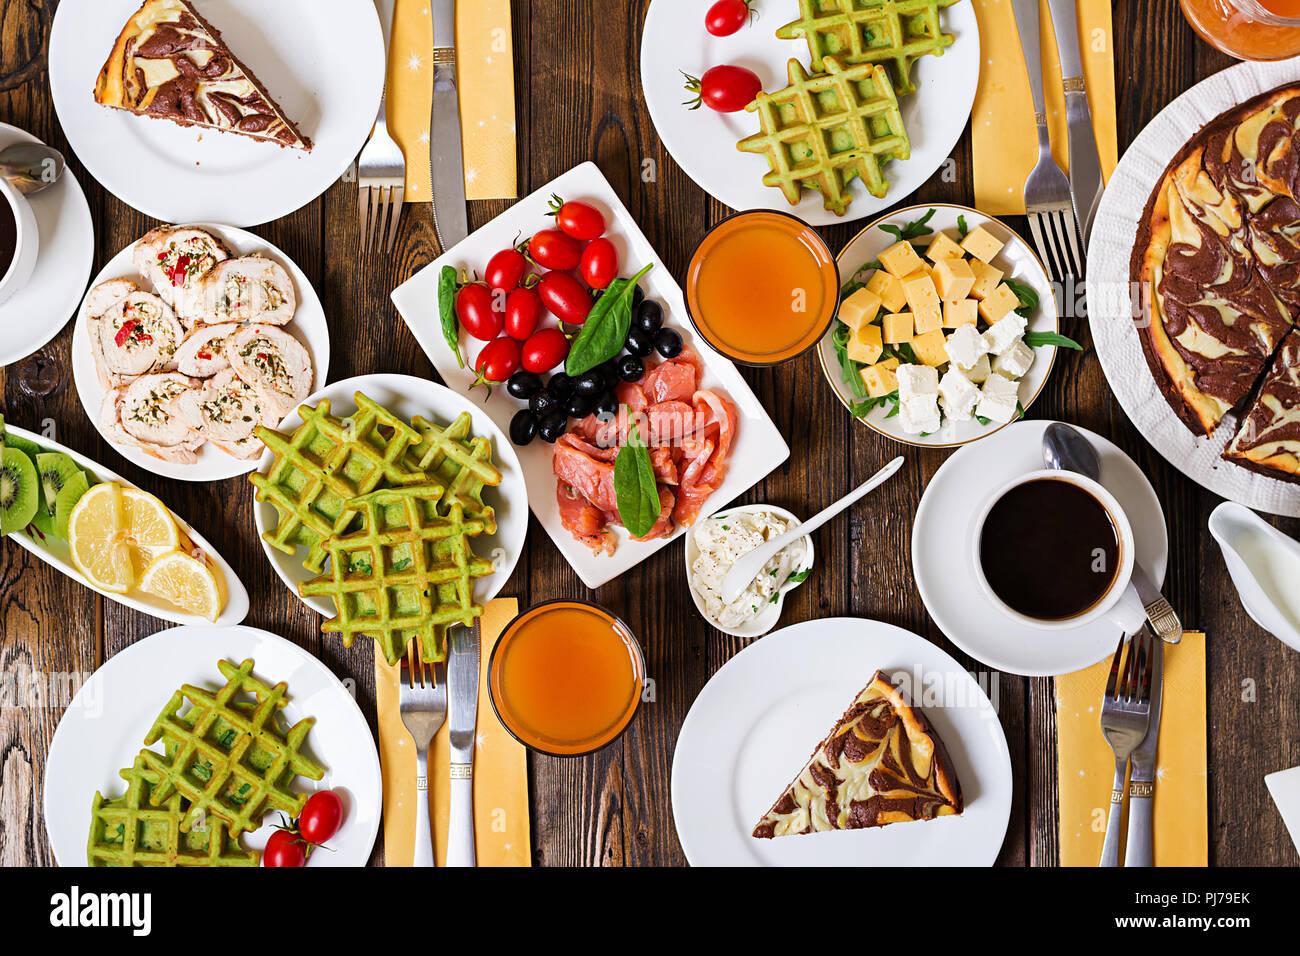 Frühstück in der Tabelle. Festlicher brunch, essen Vielzahl mit Spinat Waffeln, Lachs, Käse, Oliven, chicken Rolls und Käsekuchen. Ansicht von oben. Flach Stockbild